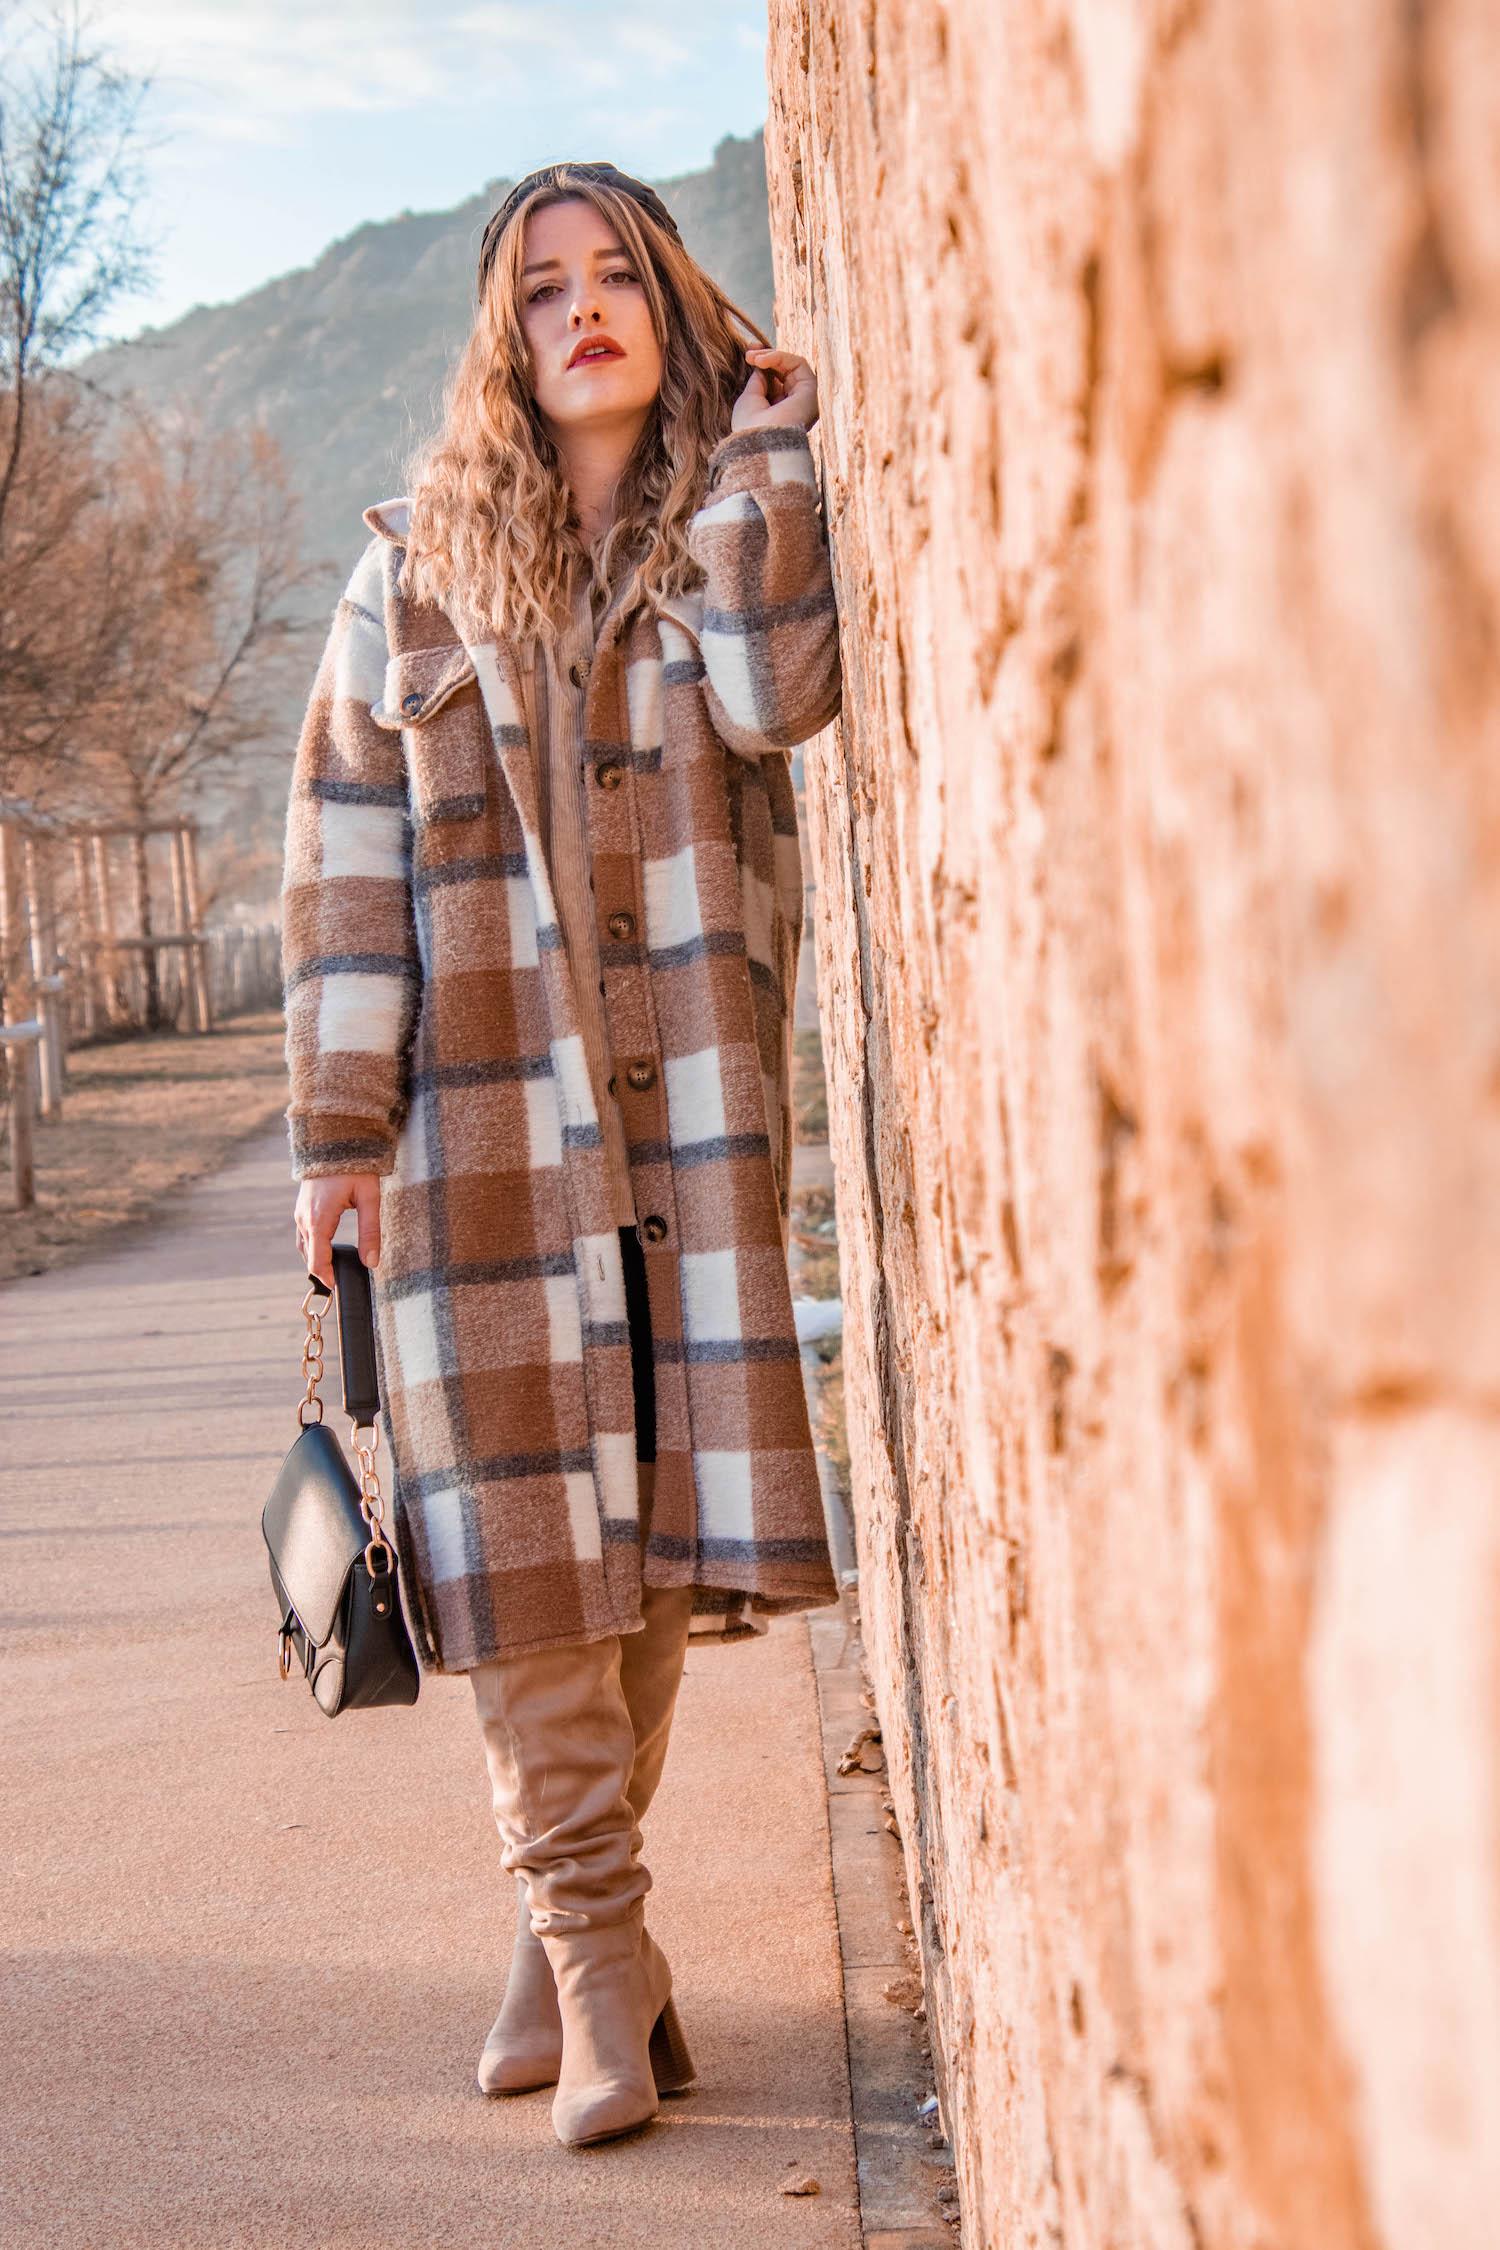 Comment porter le manteau à carreaux ? - HappinessCoco.com